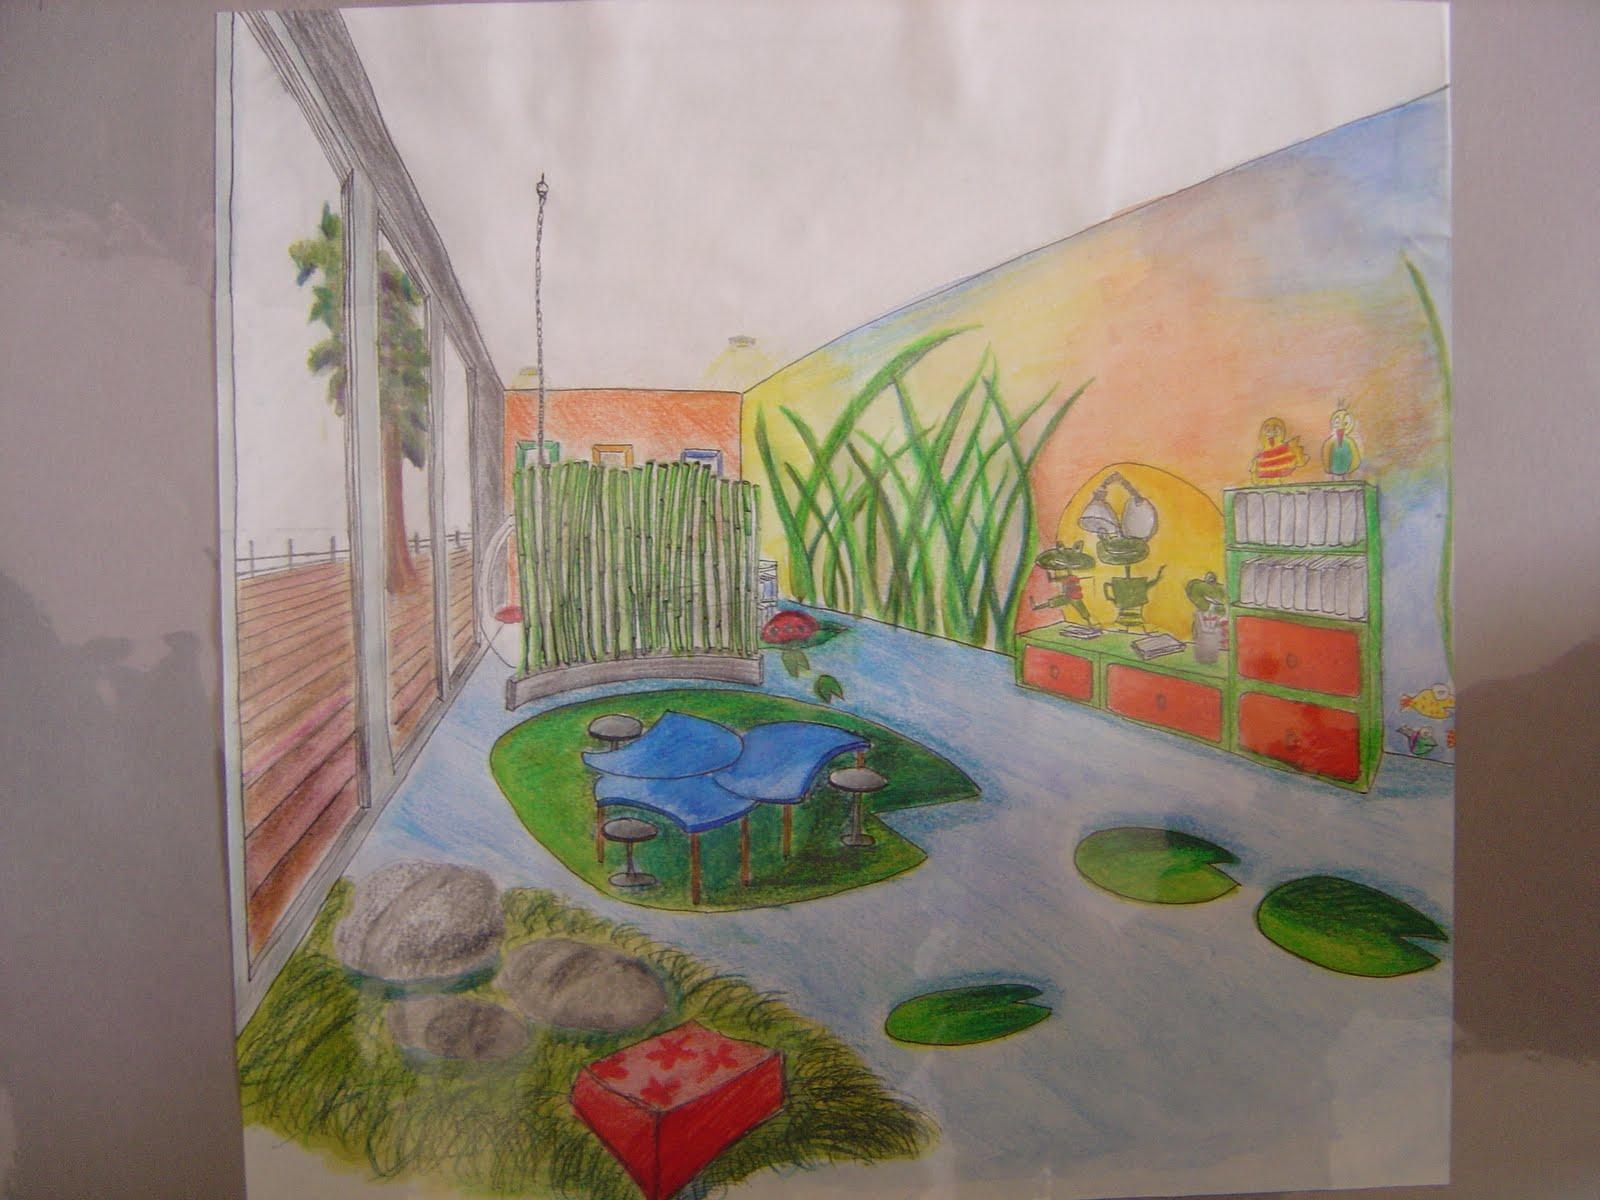 stephanie hoch am nagement d 39 une salle de jeux pour enfants. Black Bedroom Furniture Sets. Home Design Ideas